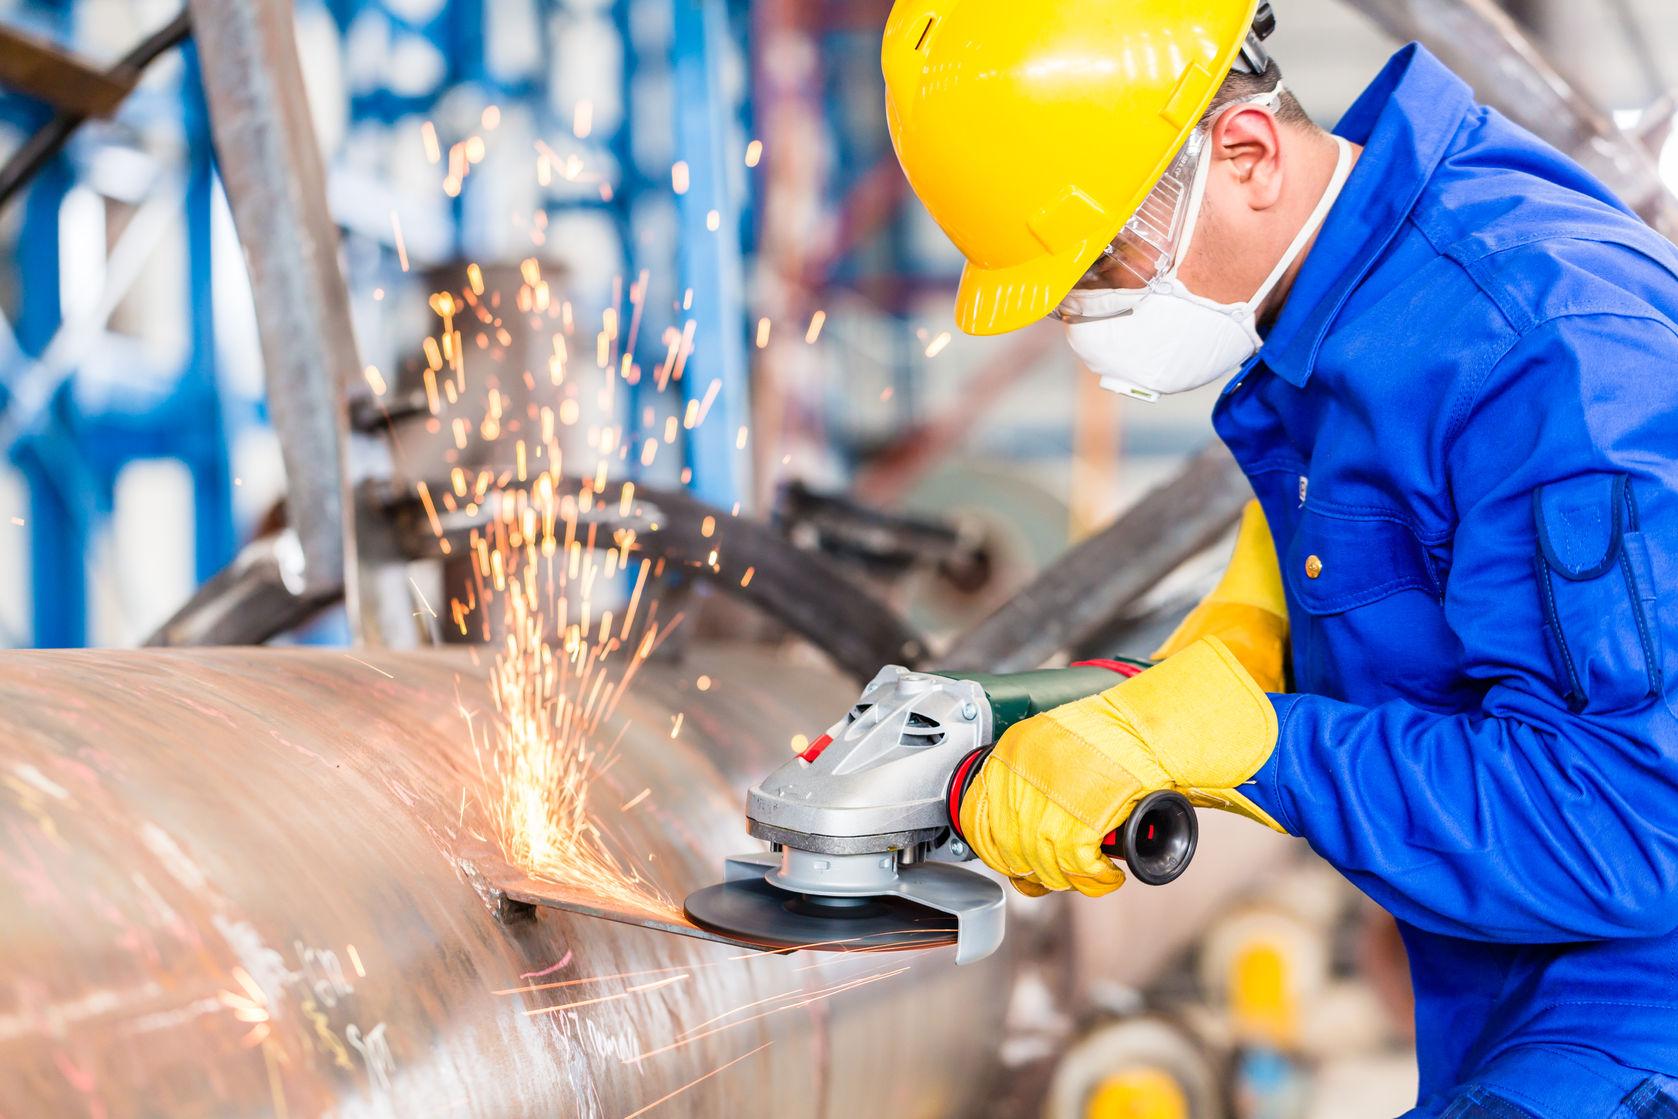 безопасность при работе с болгаркой